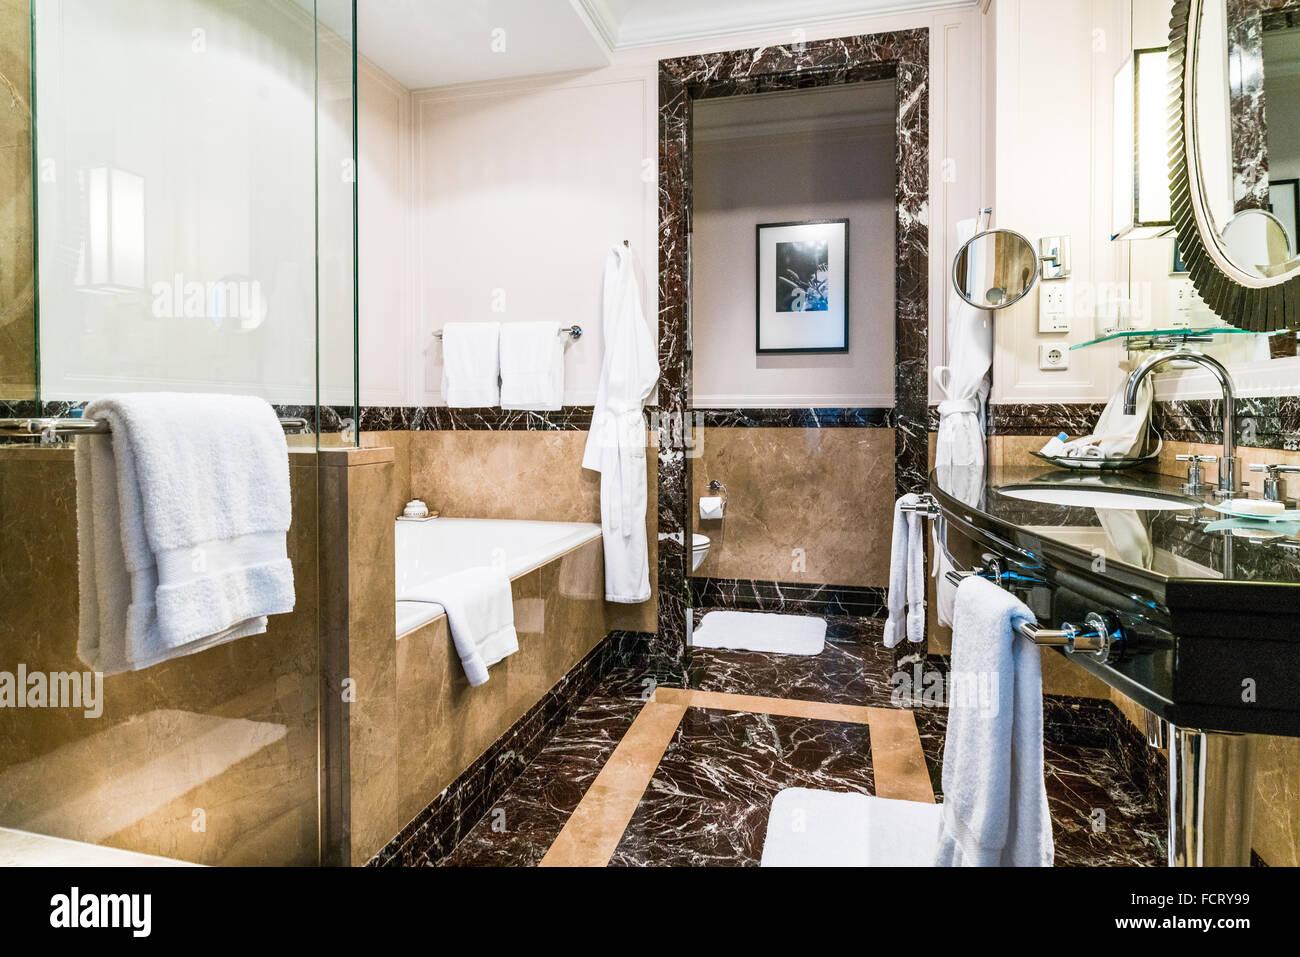 Marmor-Badezimmer in Gresham Zimmer mit separater Badewanne und ...